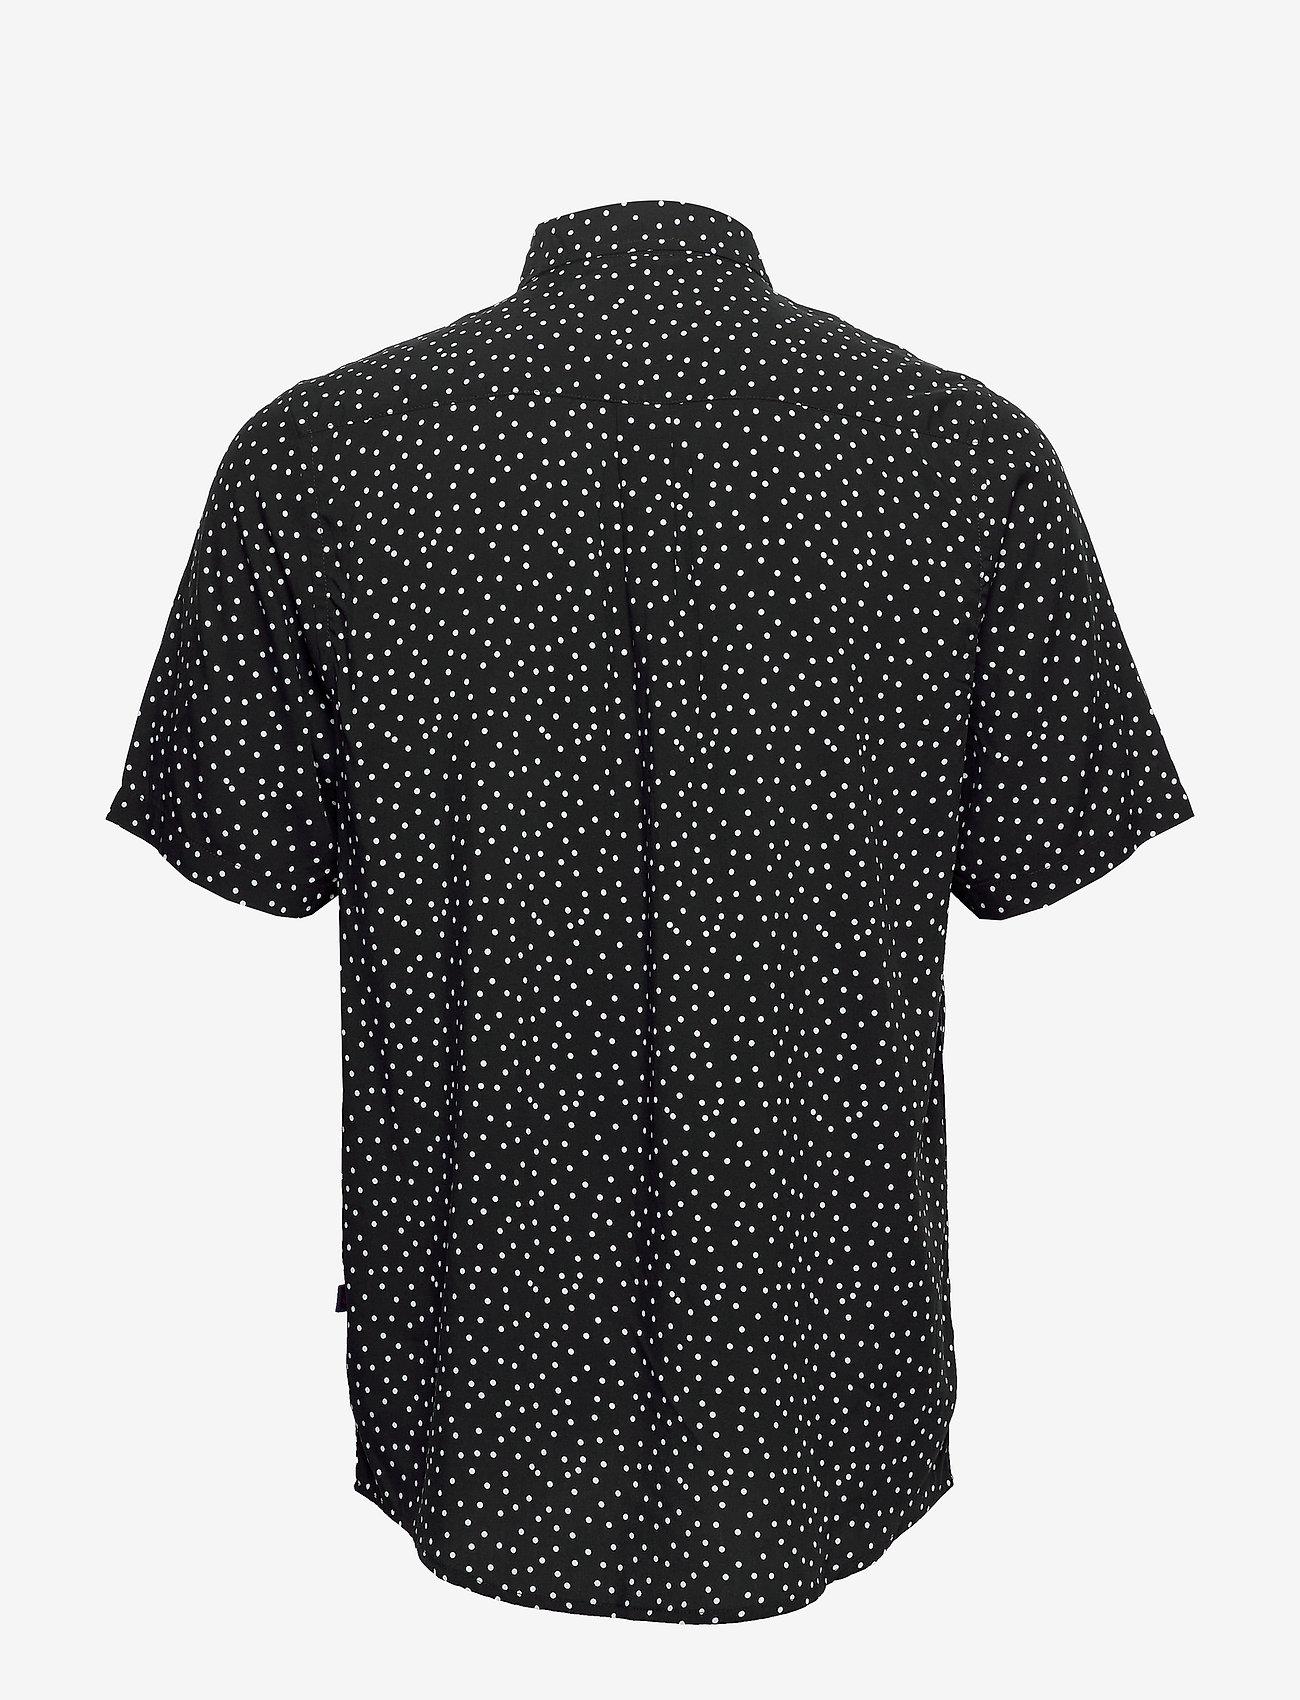 Denim project Grande S/S Shirt - Skjorter BLACK DOT - Menn Klær